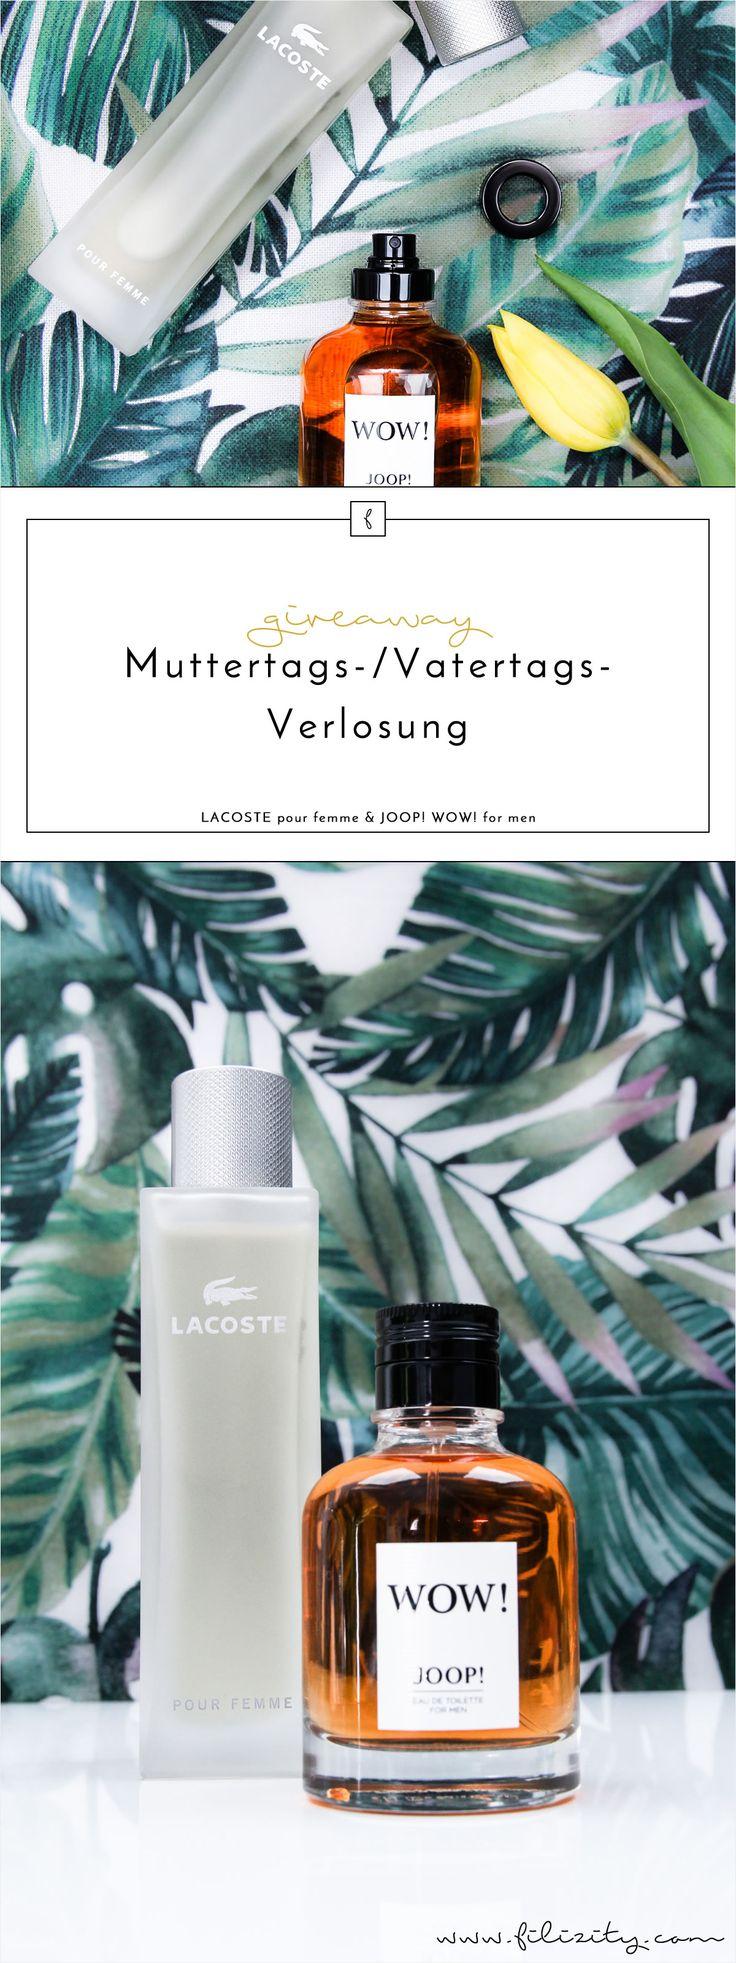 Beschenke deine Eltern oder dich selbst mit einem hochwertigen Parfüm zum Muttertag/Vatertag. Gewinne ein Duft-Set von Joop! und Lacoste für Sie & Ihn.